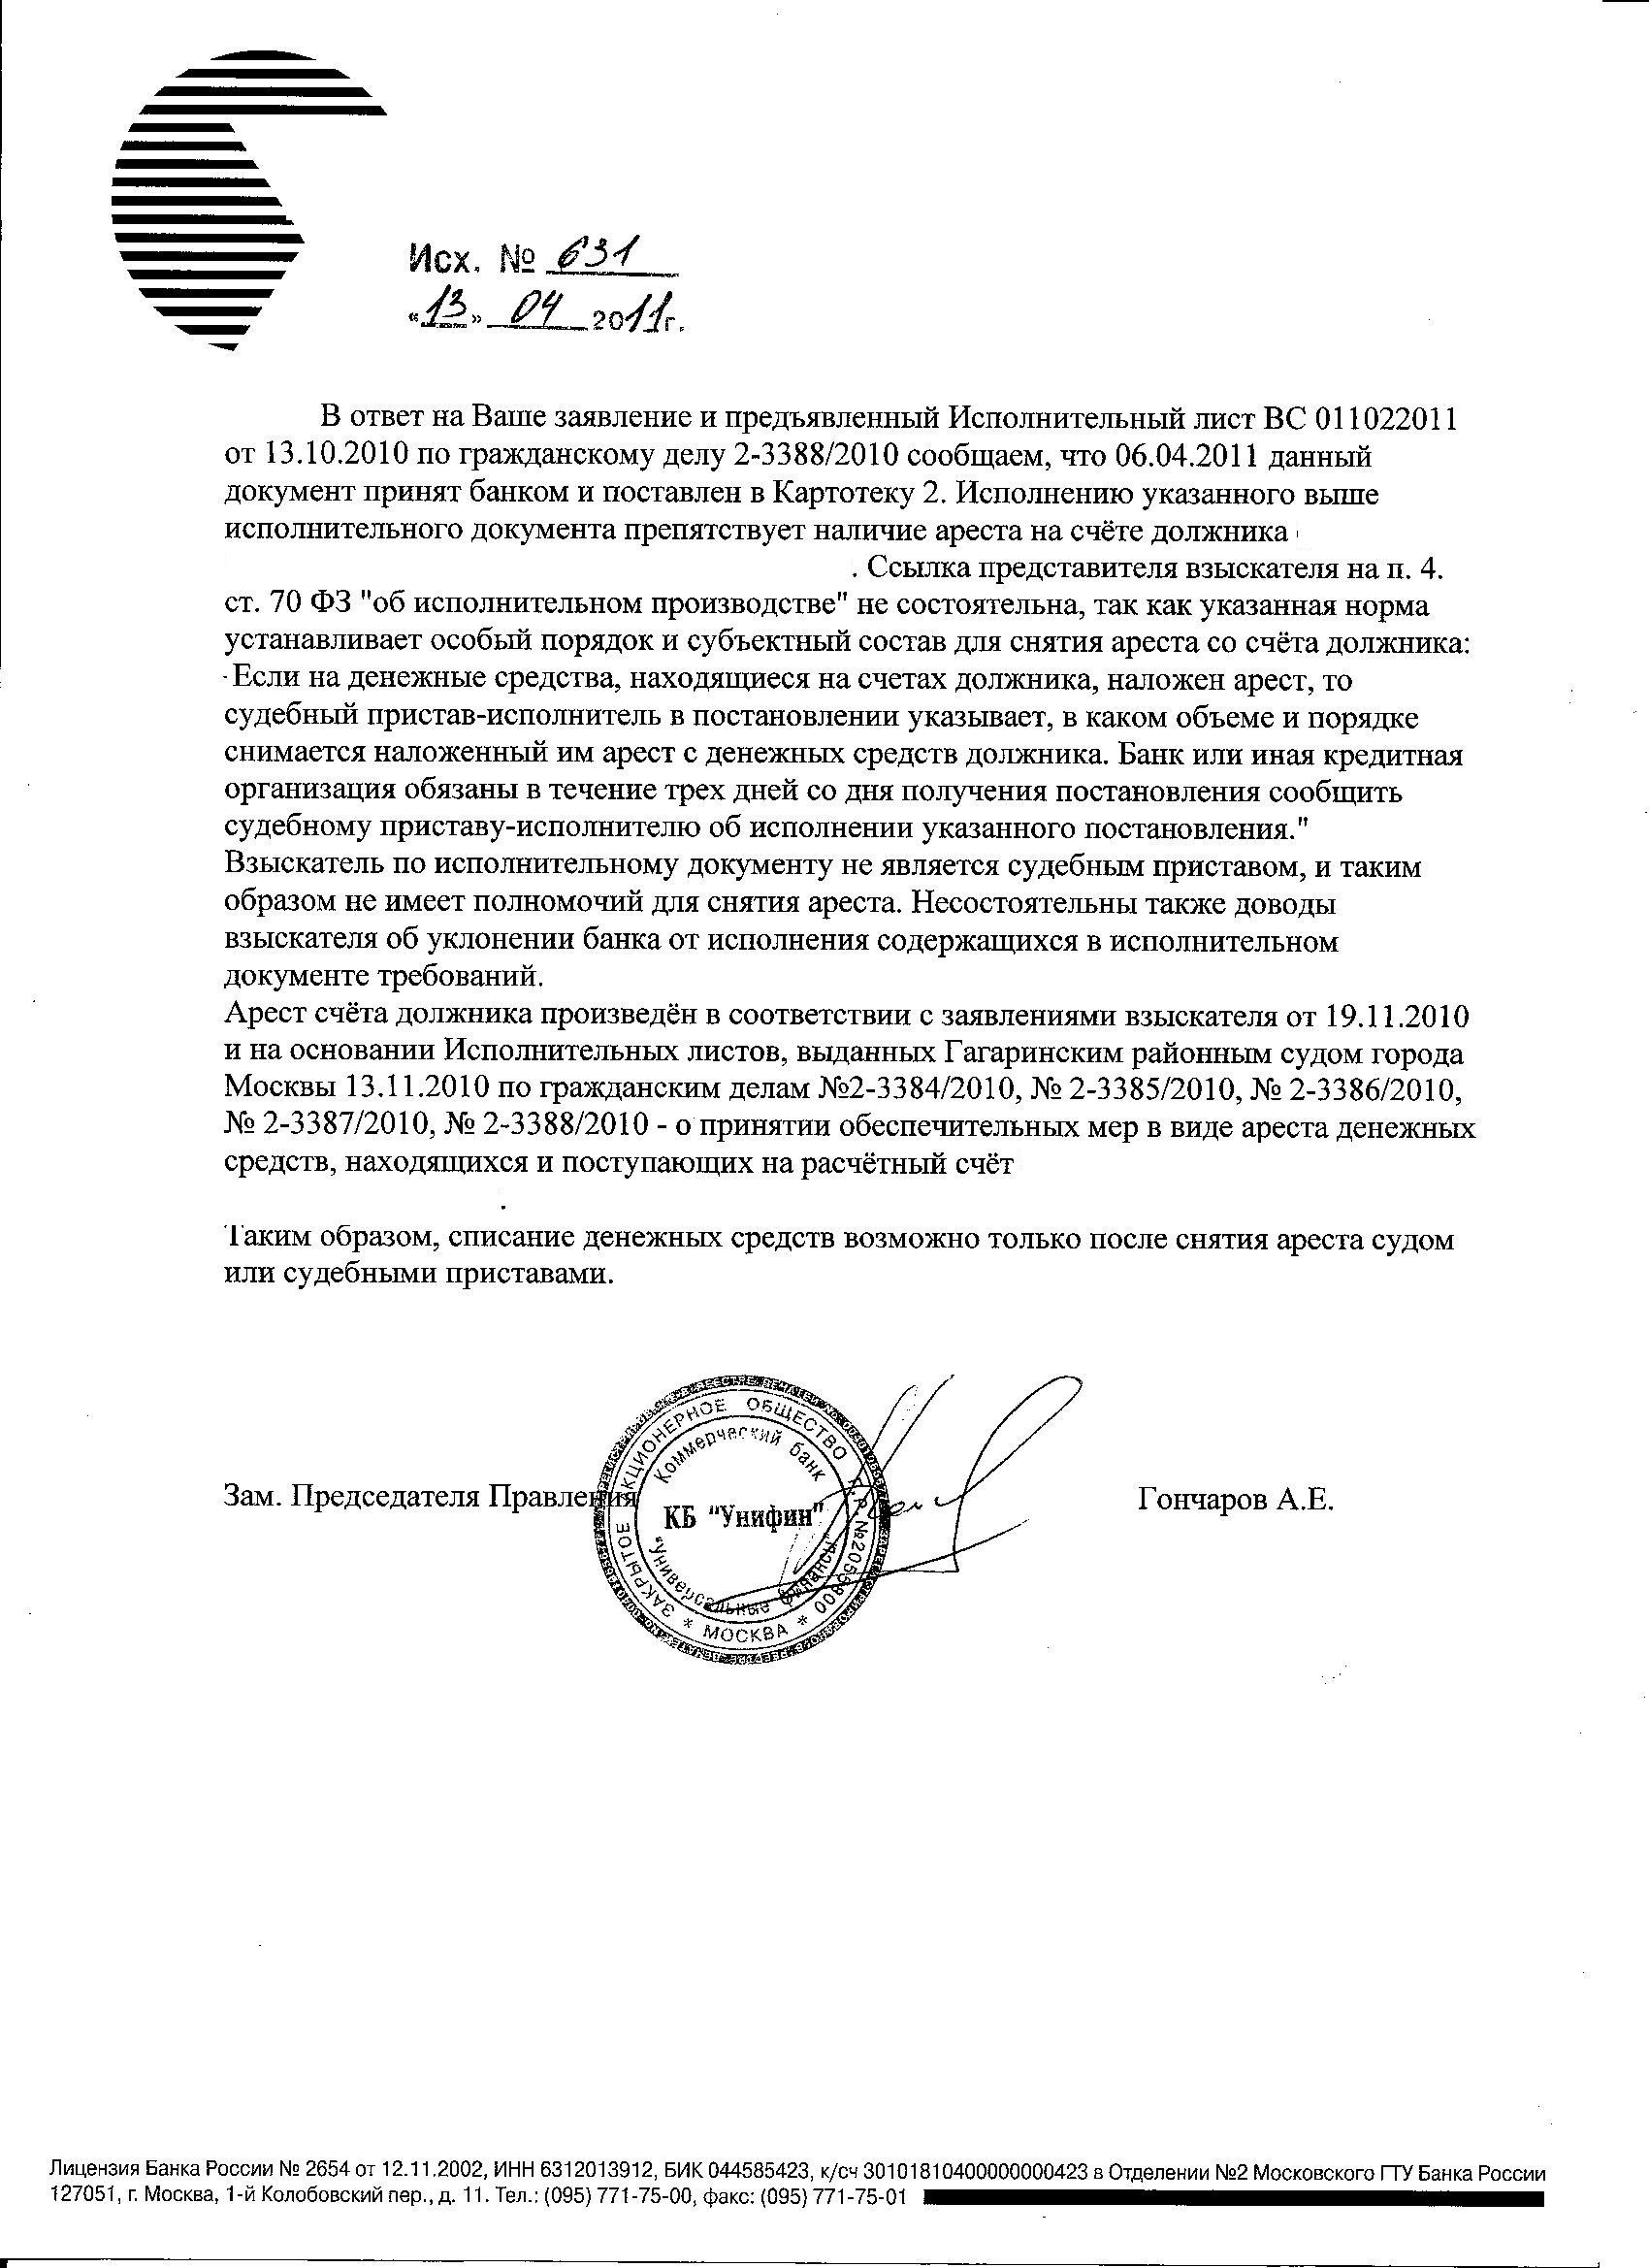 бланк заявления в арбитражный суд ярославской области